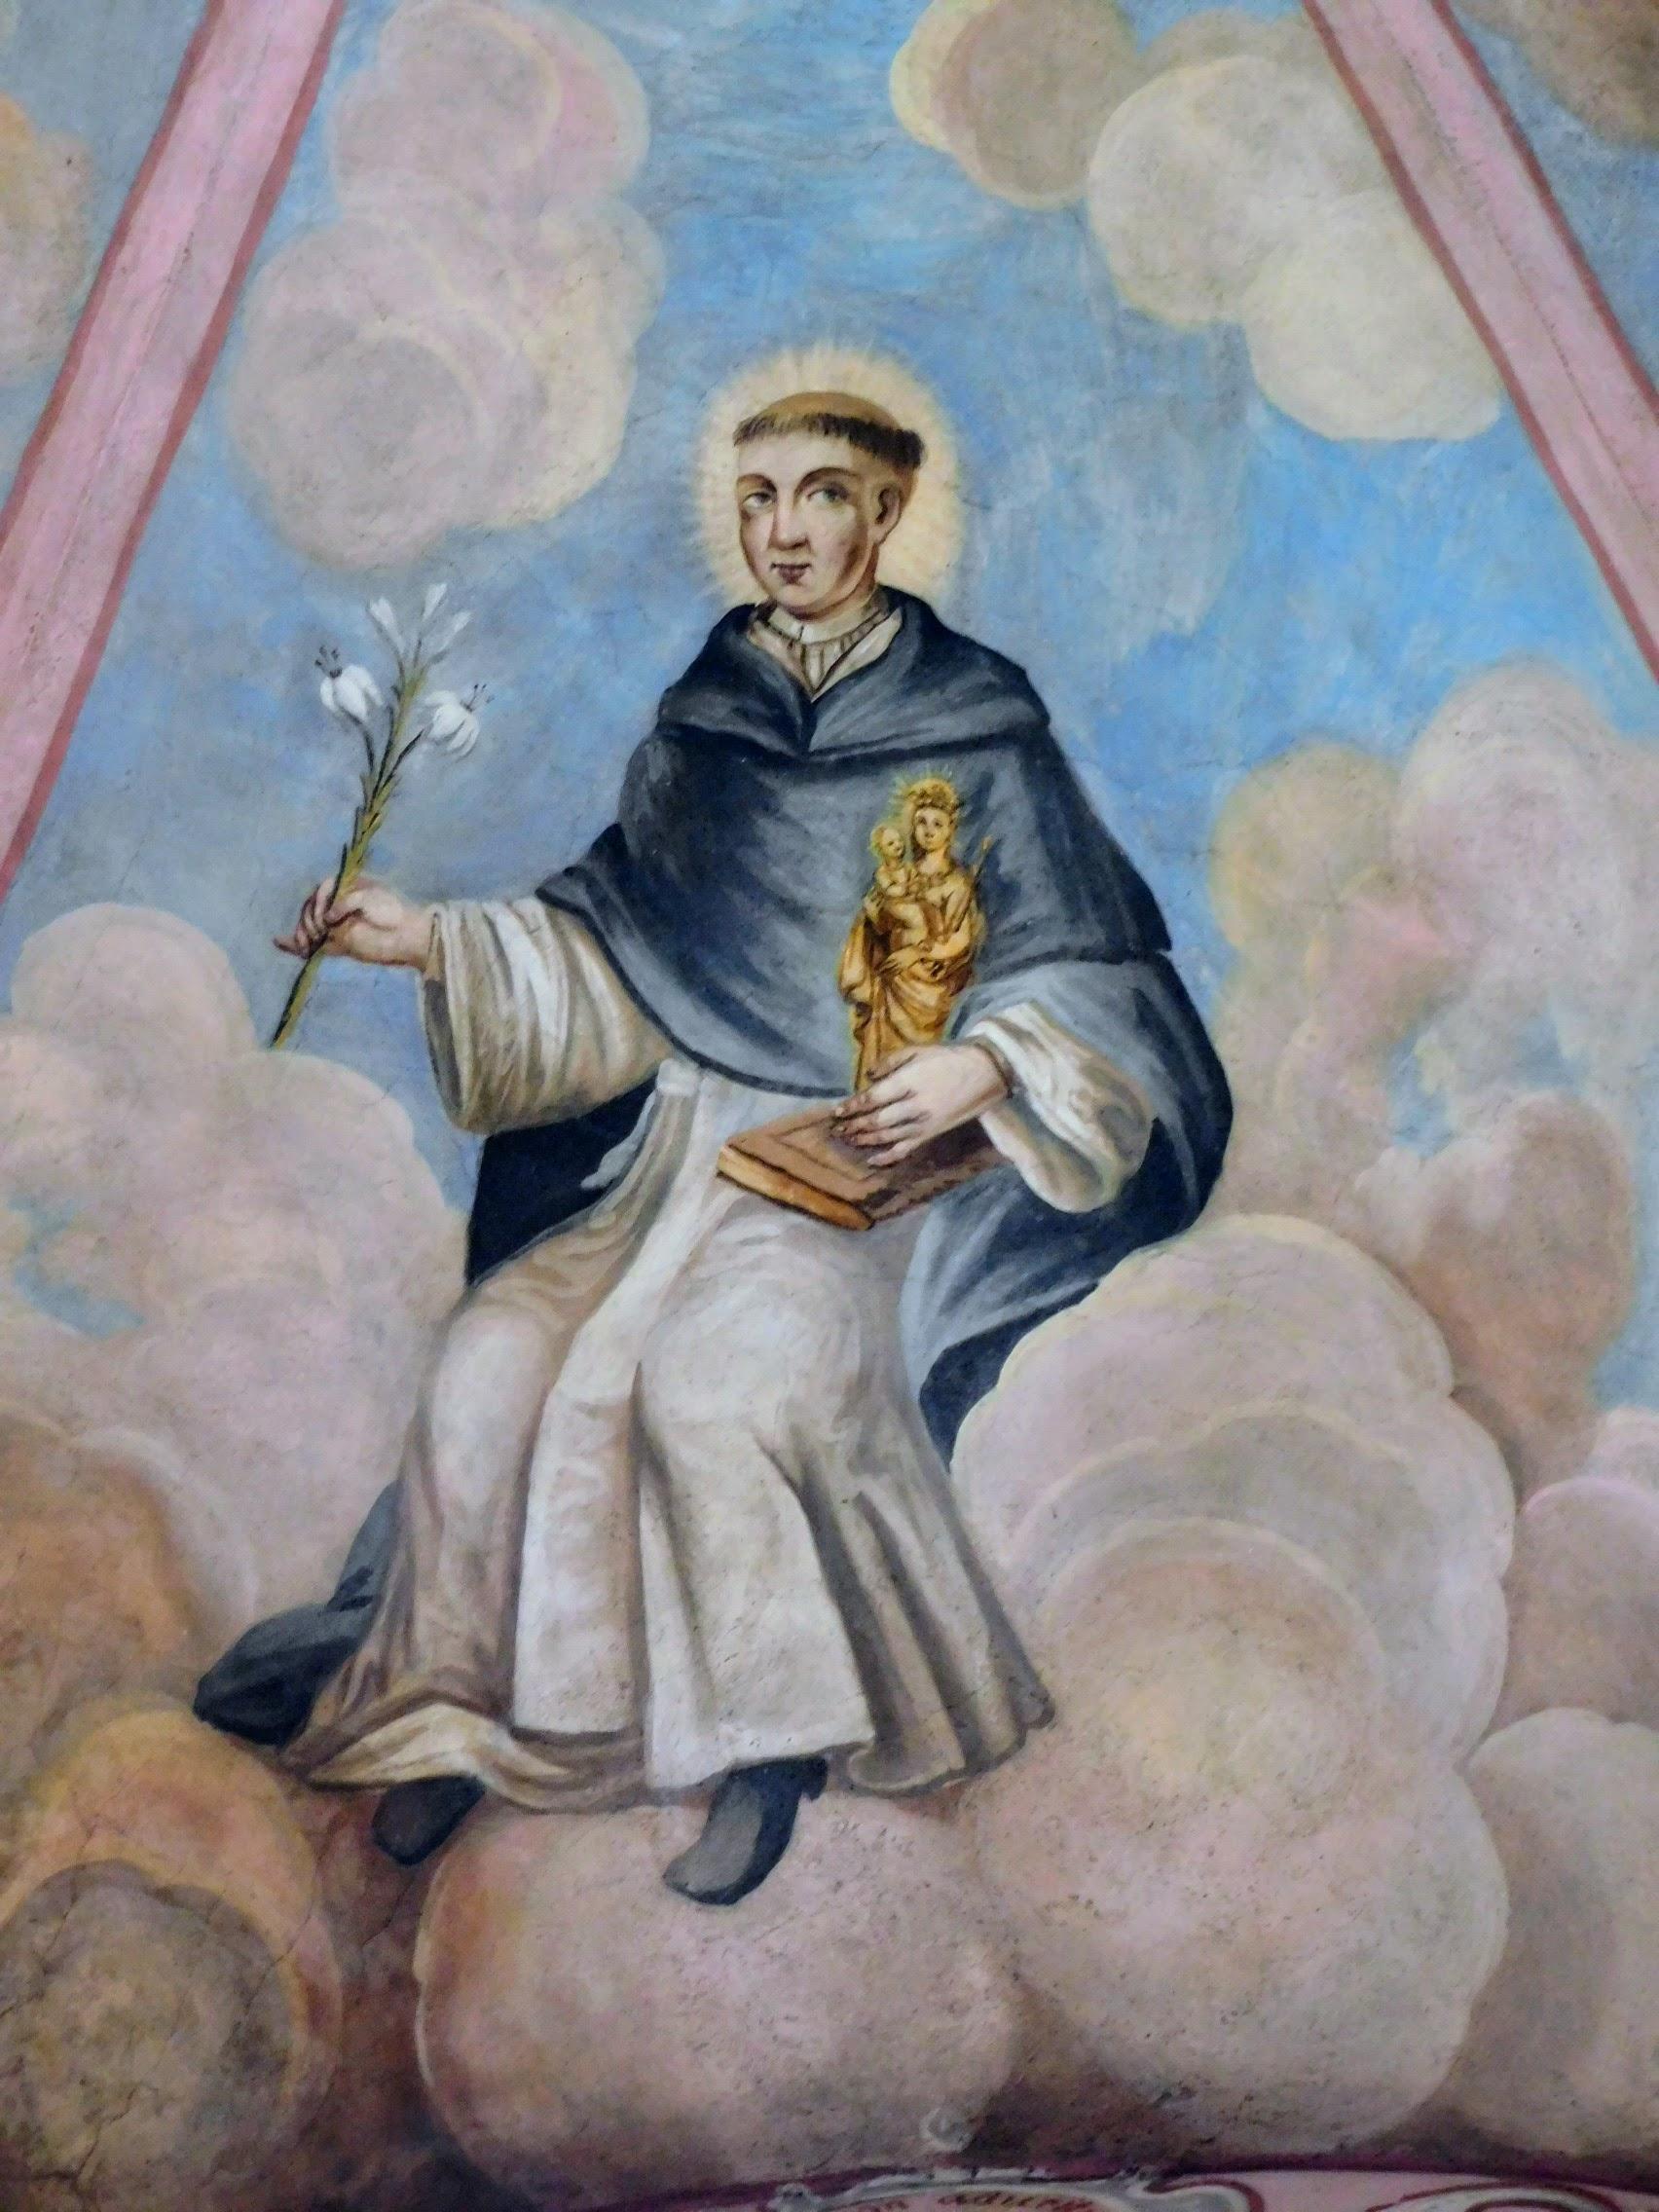 św. Jacek, fresk po konserwacji